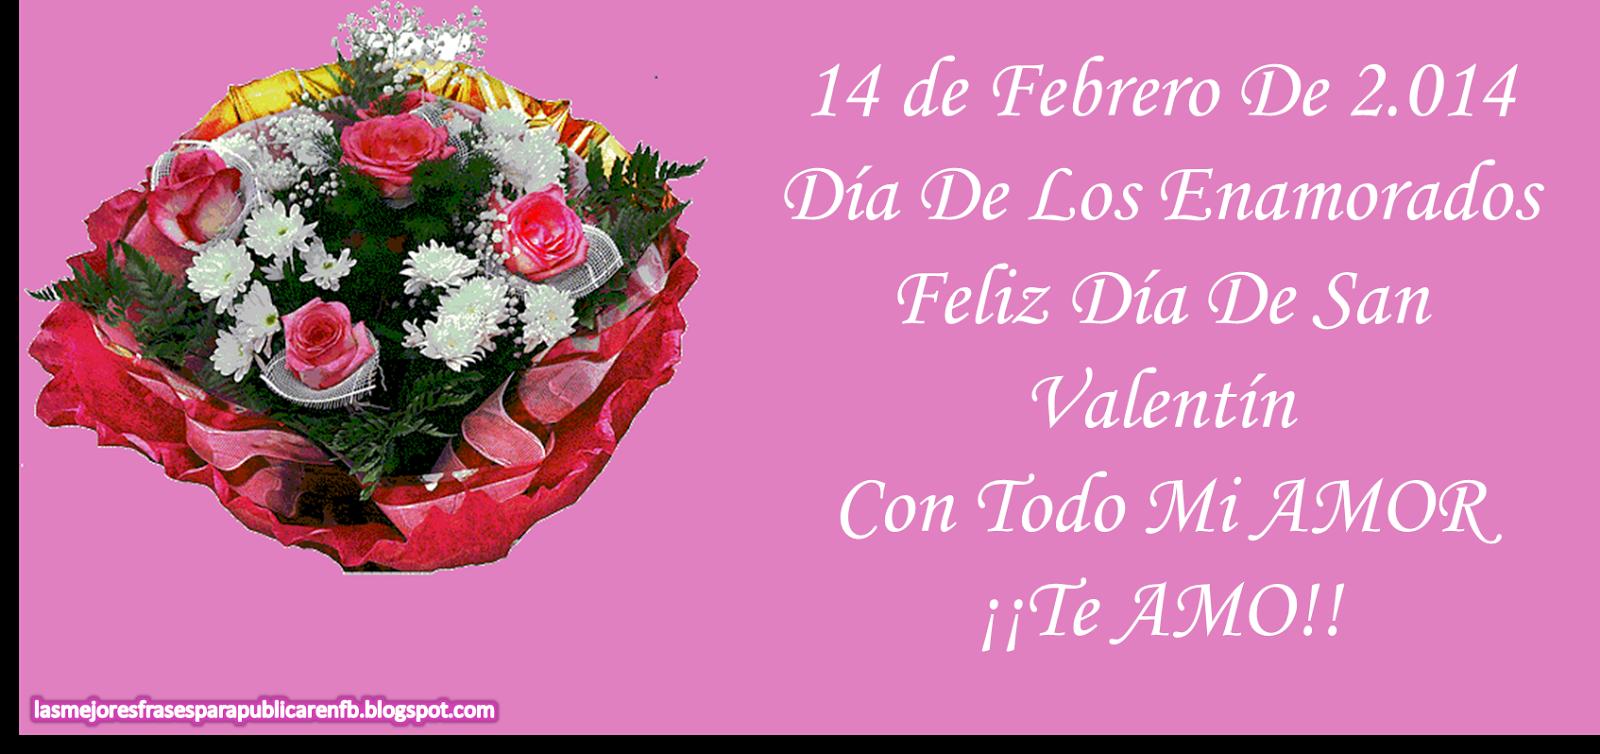 Frases De San Valentín: 14 De Febrero De 2.014 Día De Los Enamorados Feliz Día De San Valentín Con Todo Mi Amor Te AMO